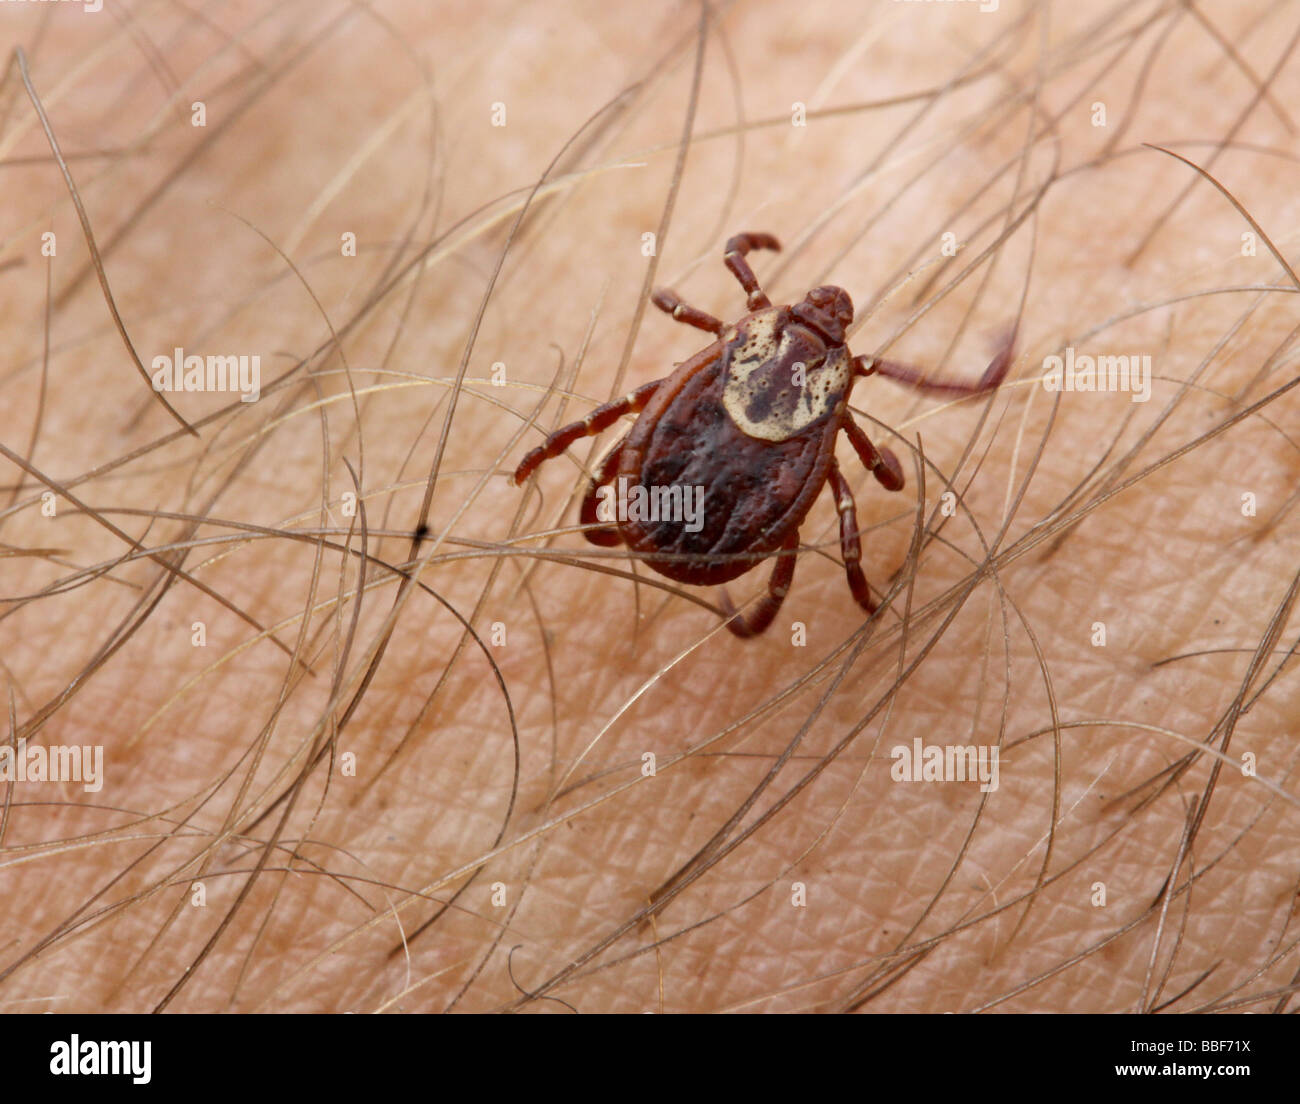 Wood tick parasite - Stock Image